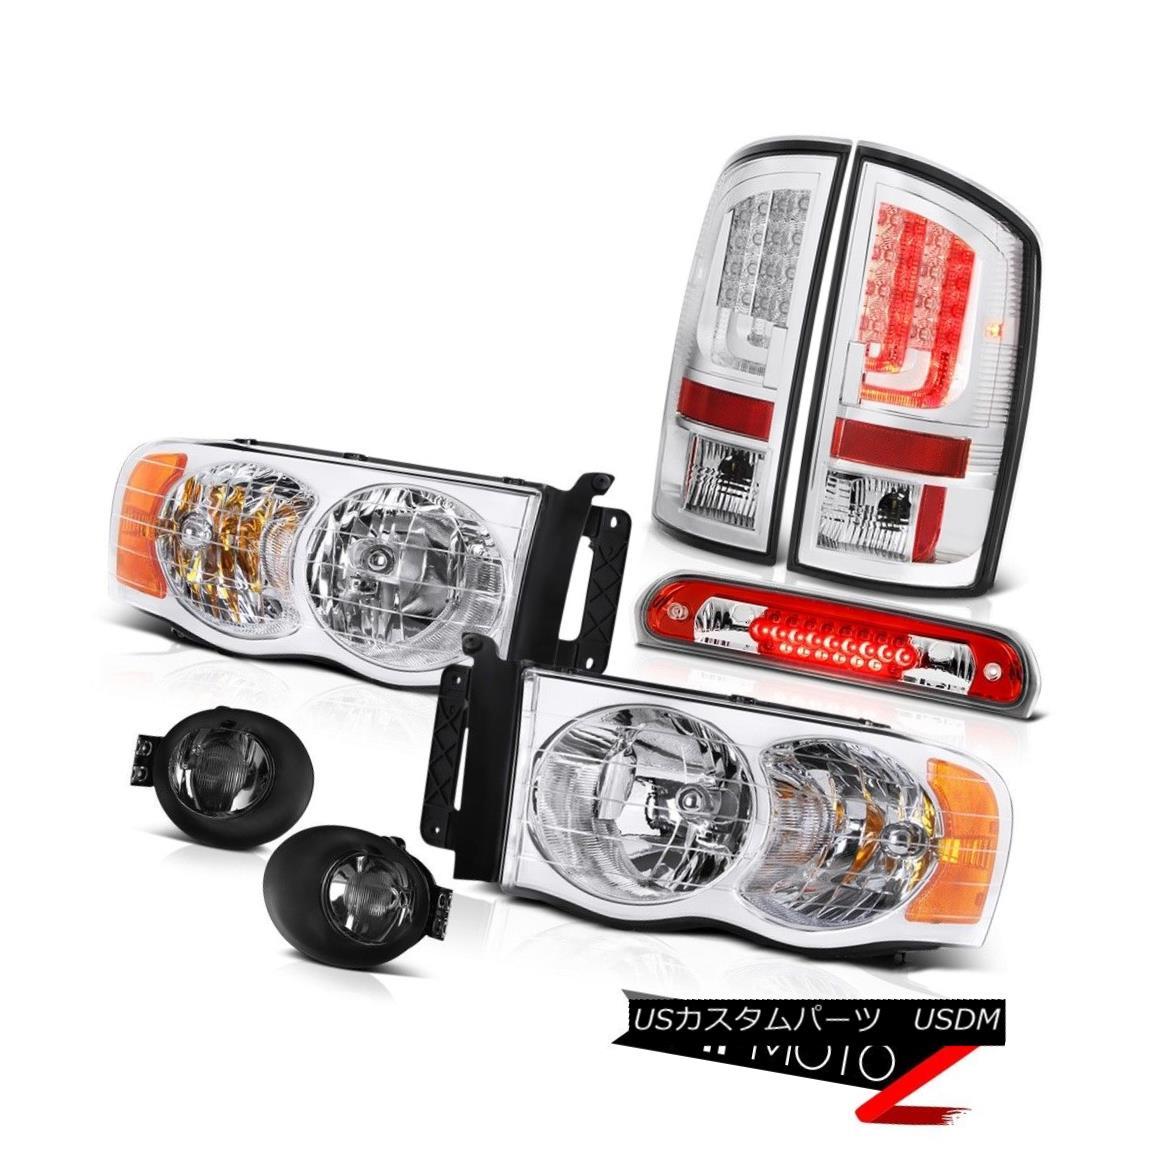 テールライト 02-05 Dodge Ram 1500 1500 3.7L Tail Lamps Foglights Headlights High STop Light 02-05 Dodge Ram 1500 1500 3.7LテールランプFoglightsヘッドライトHigh STOPライト